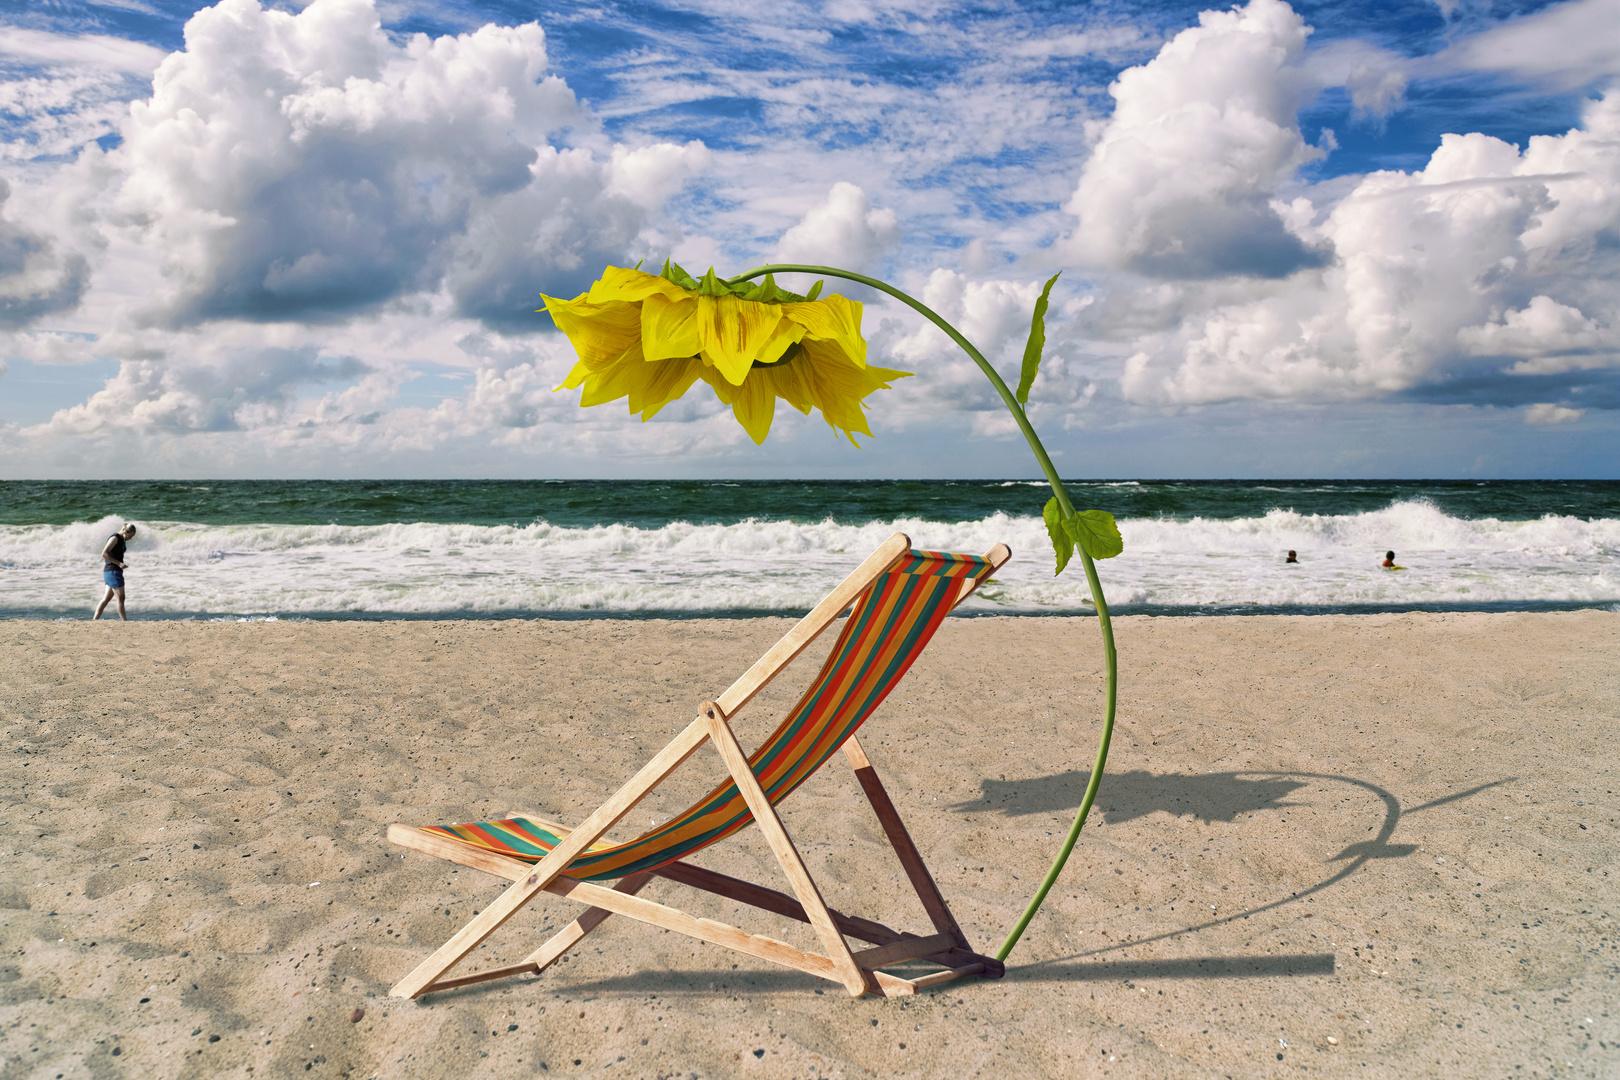 Liegestuhl mit sonnenschirm strand  Liegestuhl und Sonnenblumenschirm am Strand Foto & Bild ...